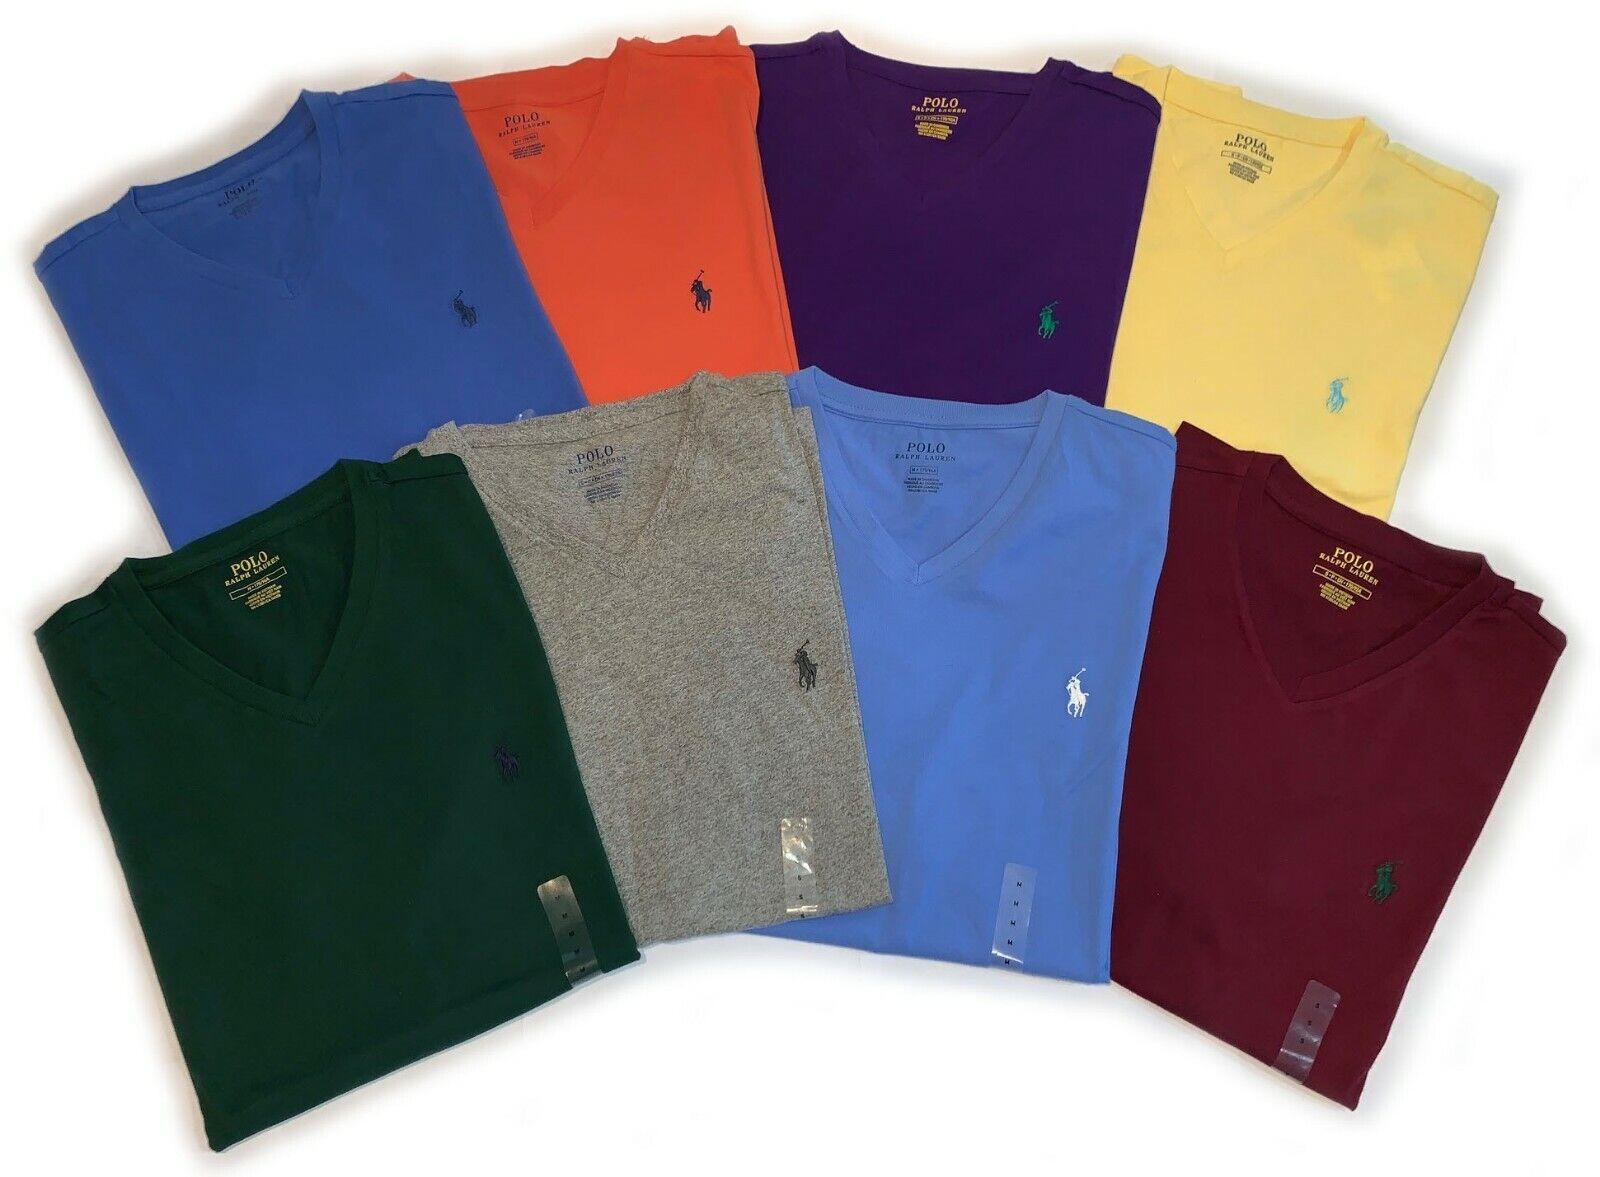 Polo Ralph Lauren V-Neck T-Shirts (Sizes S/M/L/XL/XXL) Various Colors